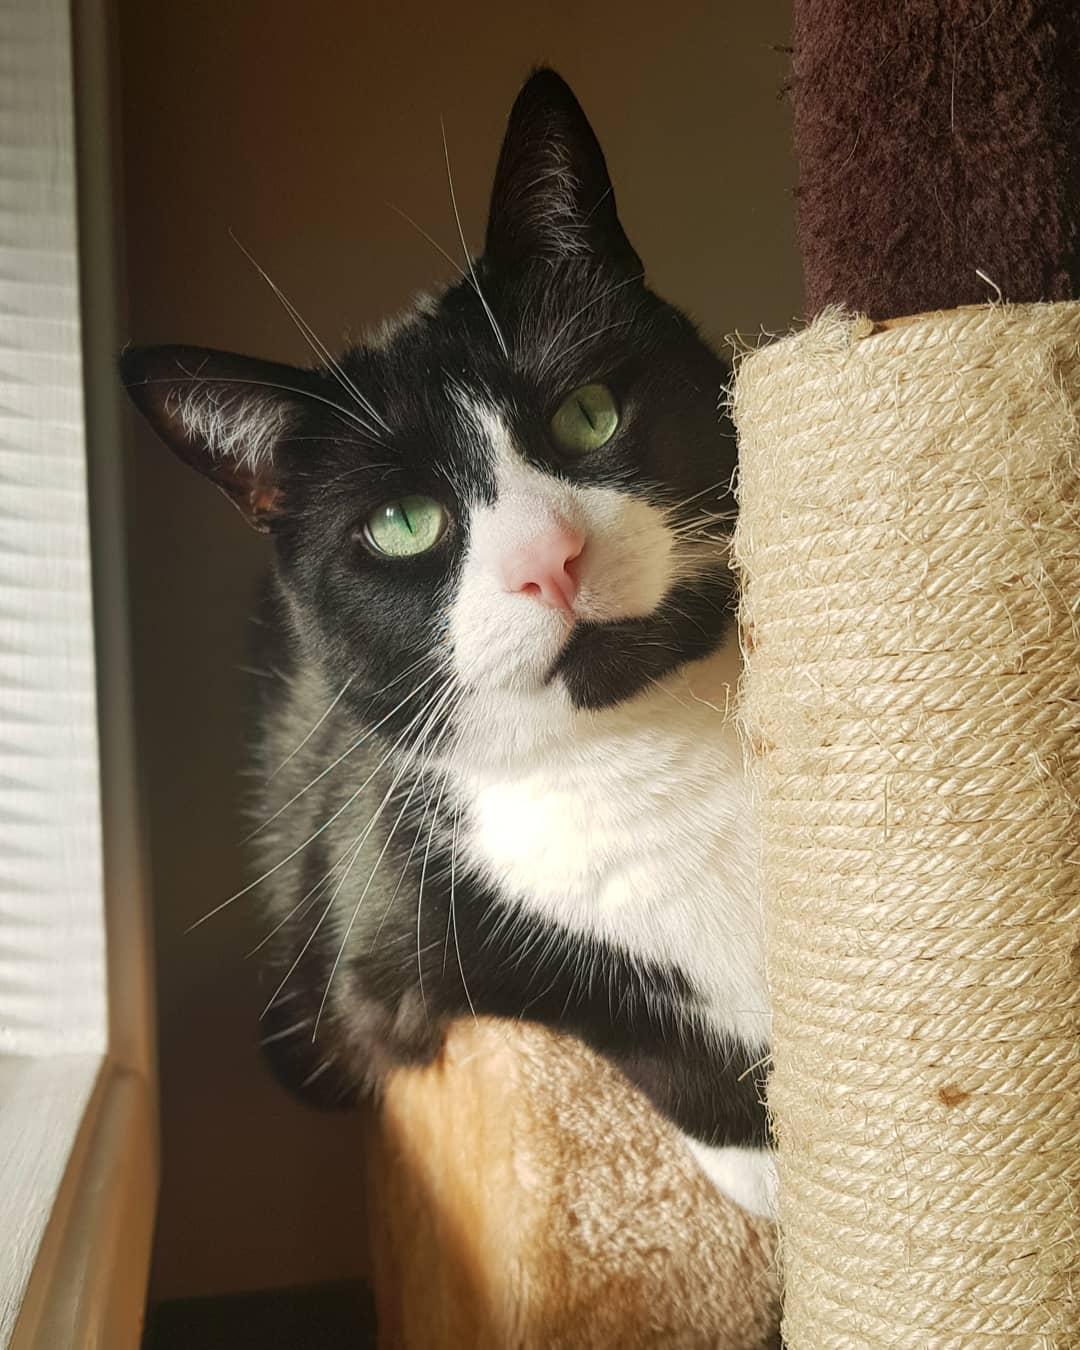 不少铲屎官因为猫咪抓挠家具感到头疼,做到这三点可以